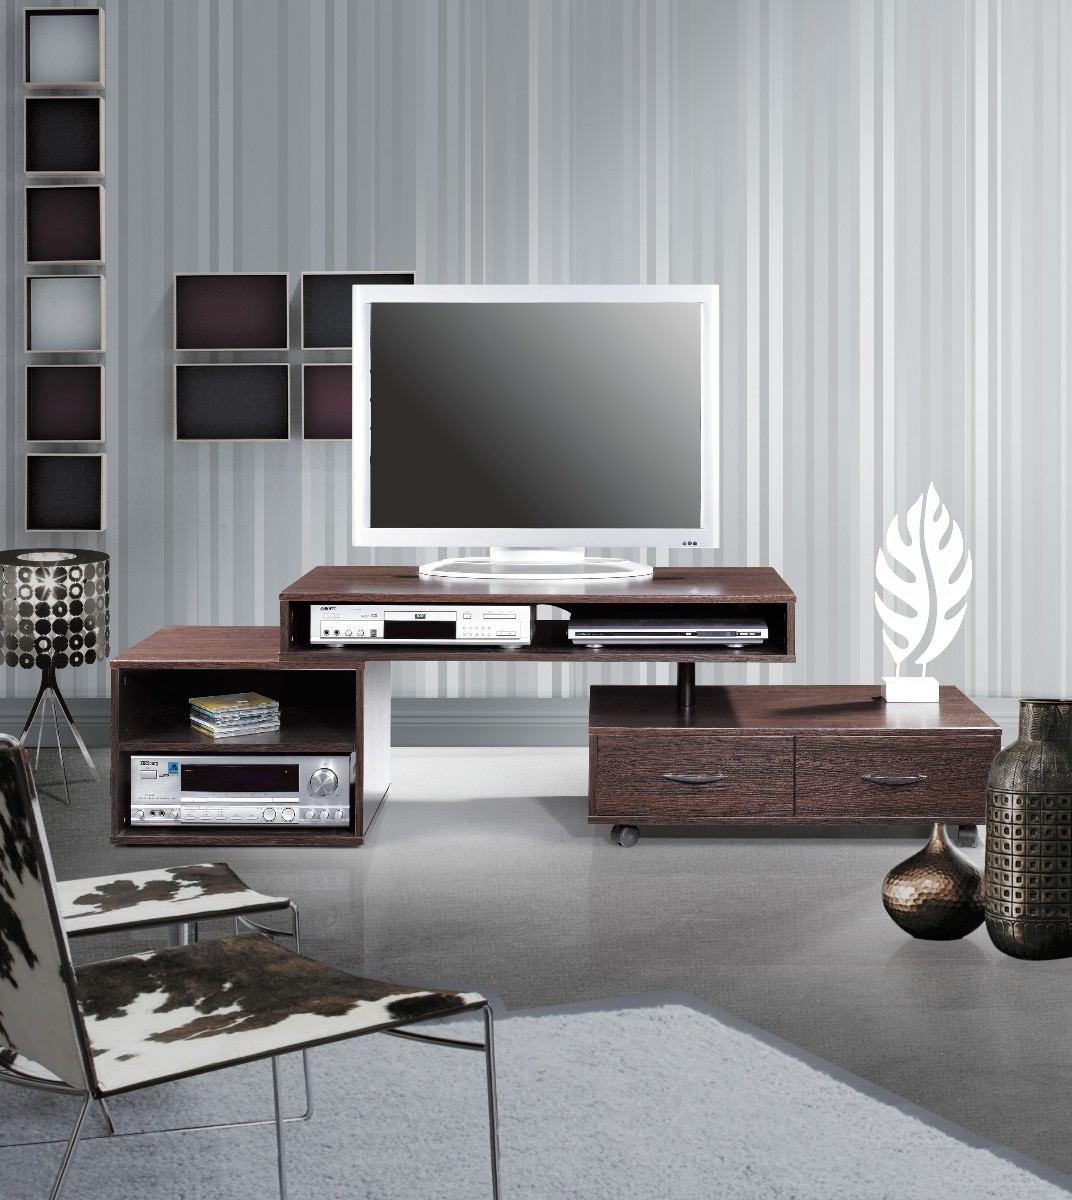 Comment on this picture plasma soporte muebles para hogar - Muebles para el hogar ...